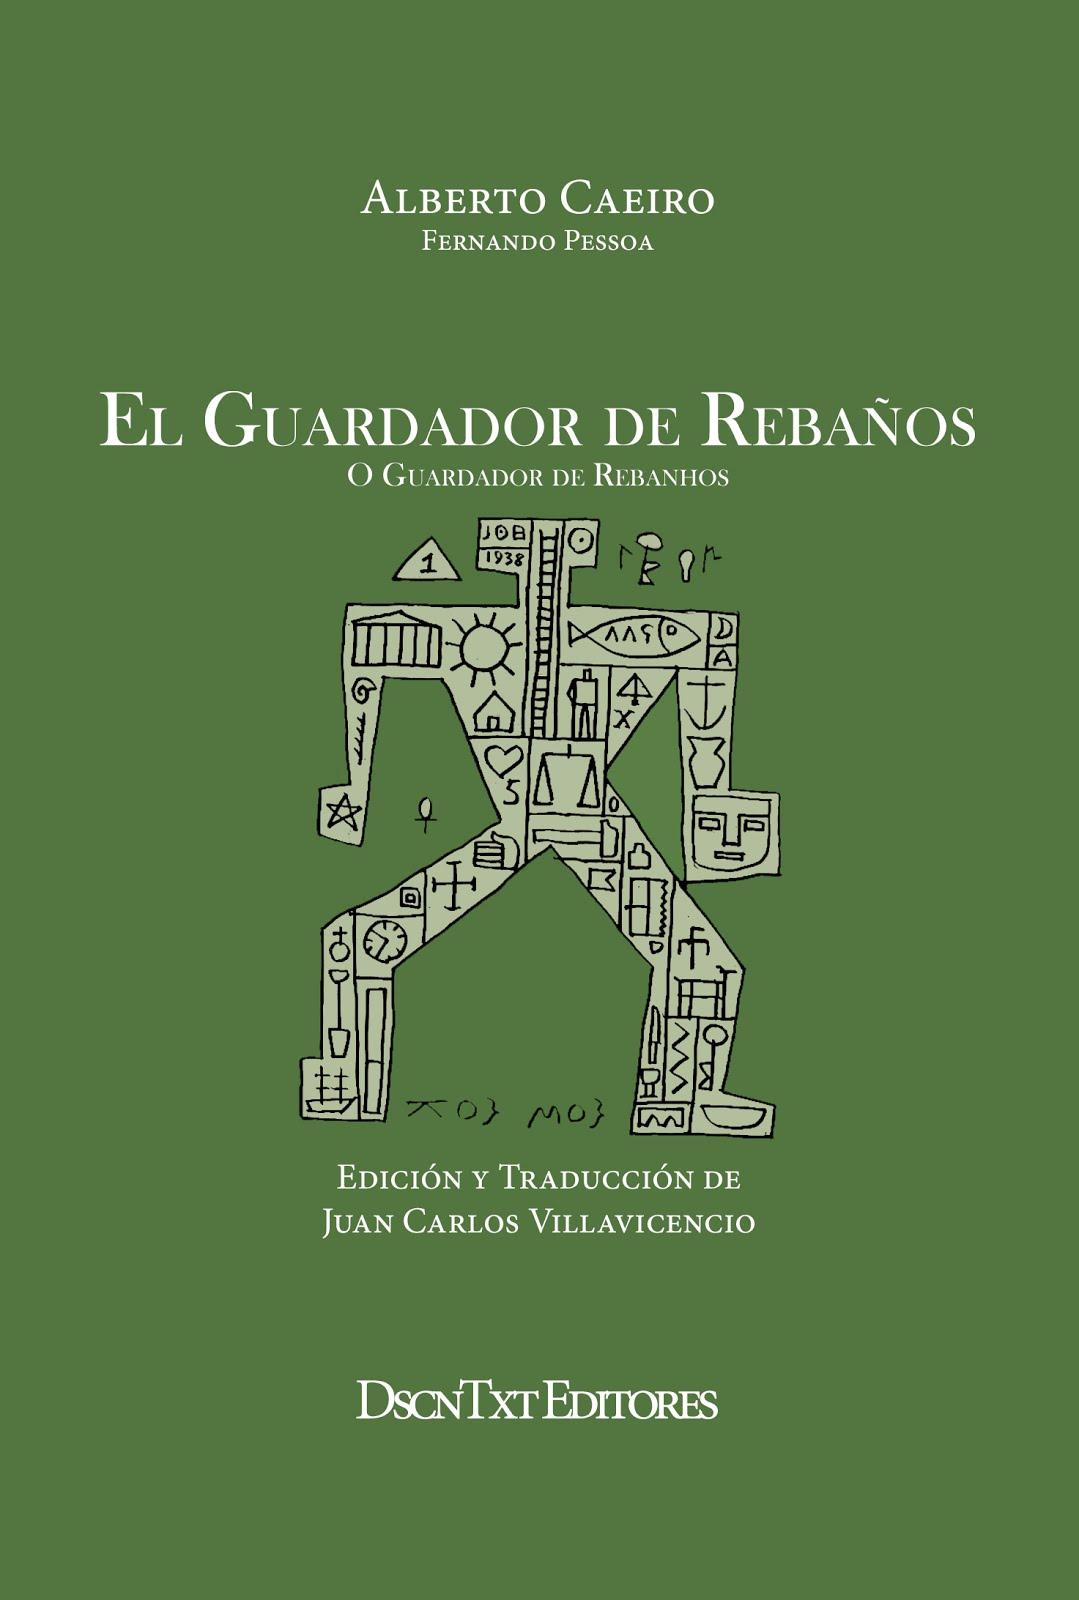 El guardador de rebaños, de Alberto Caeiro (Fernando Pessoa). Edición de Juan Carlos Villavicencio